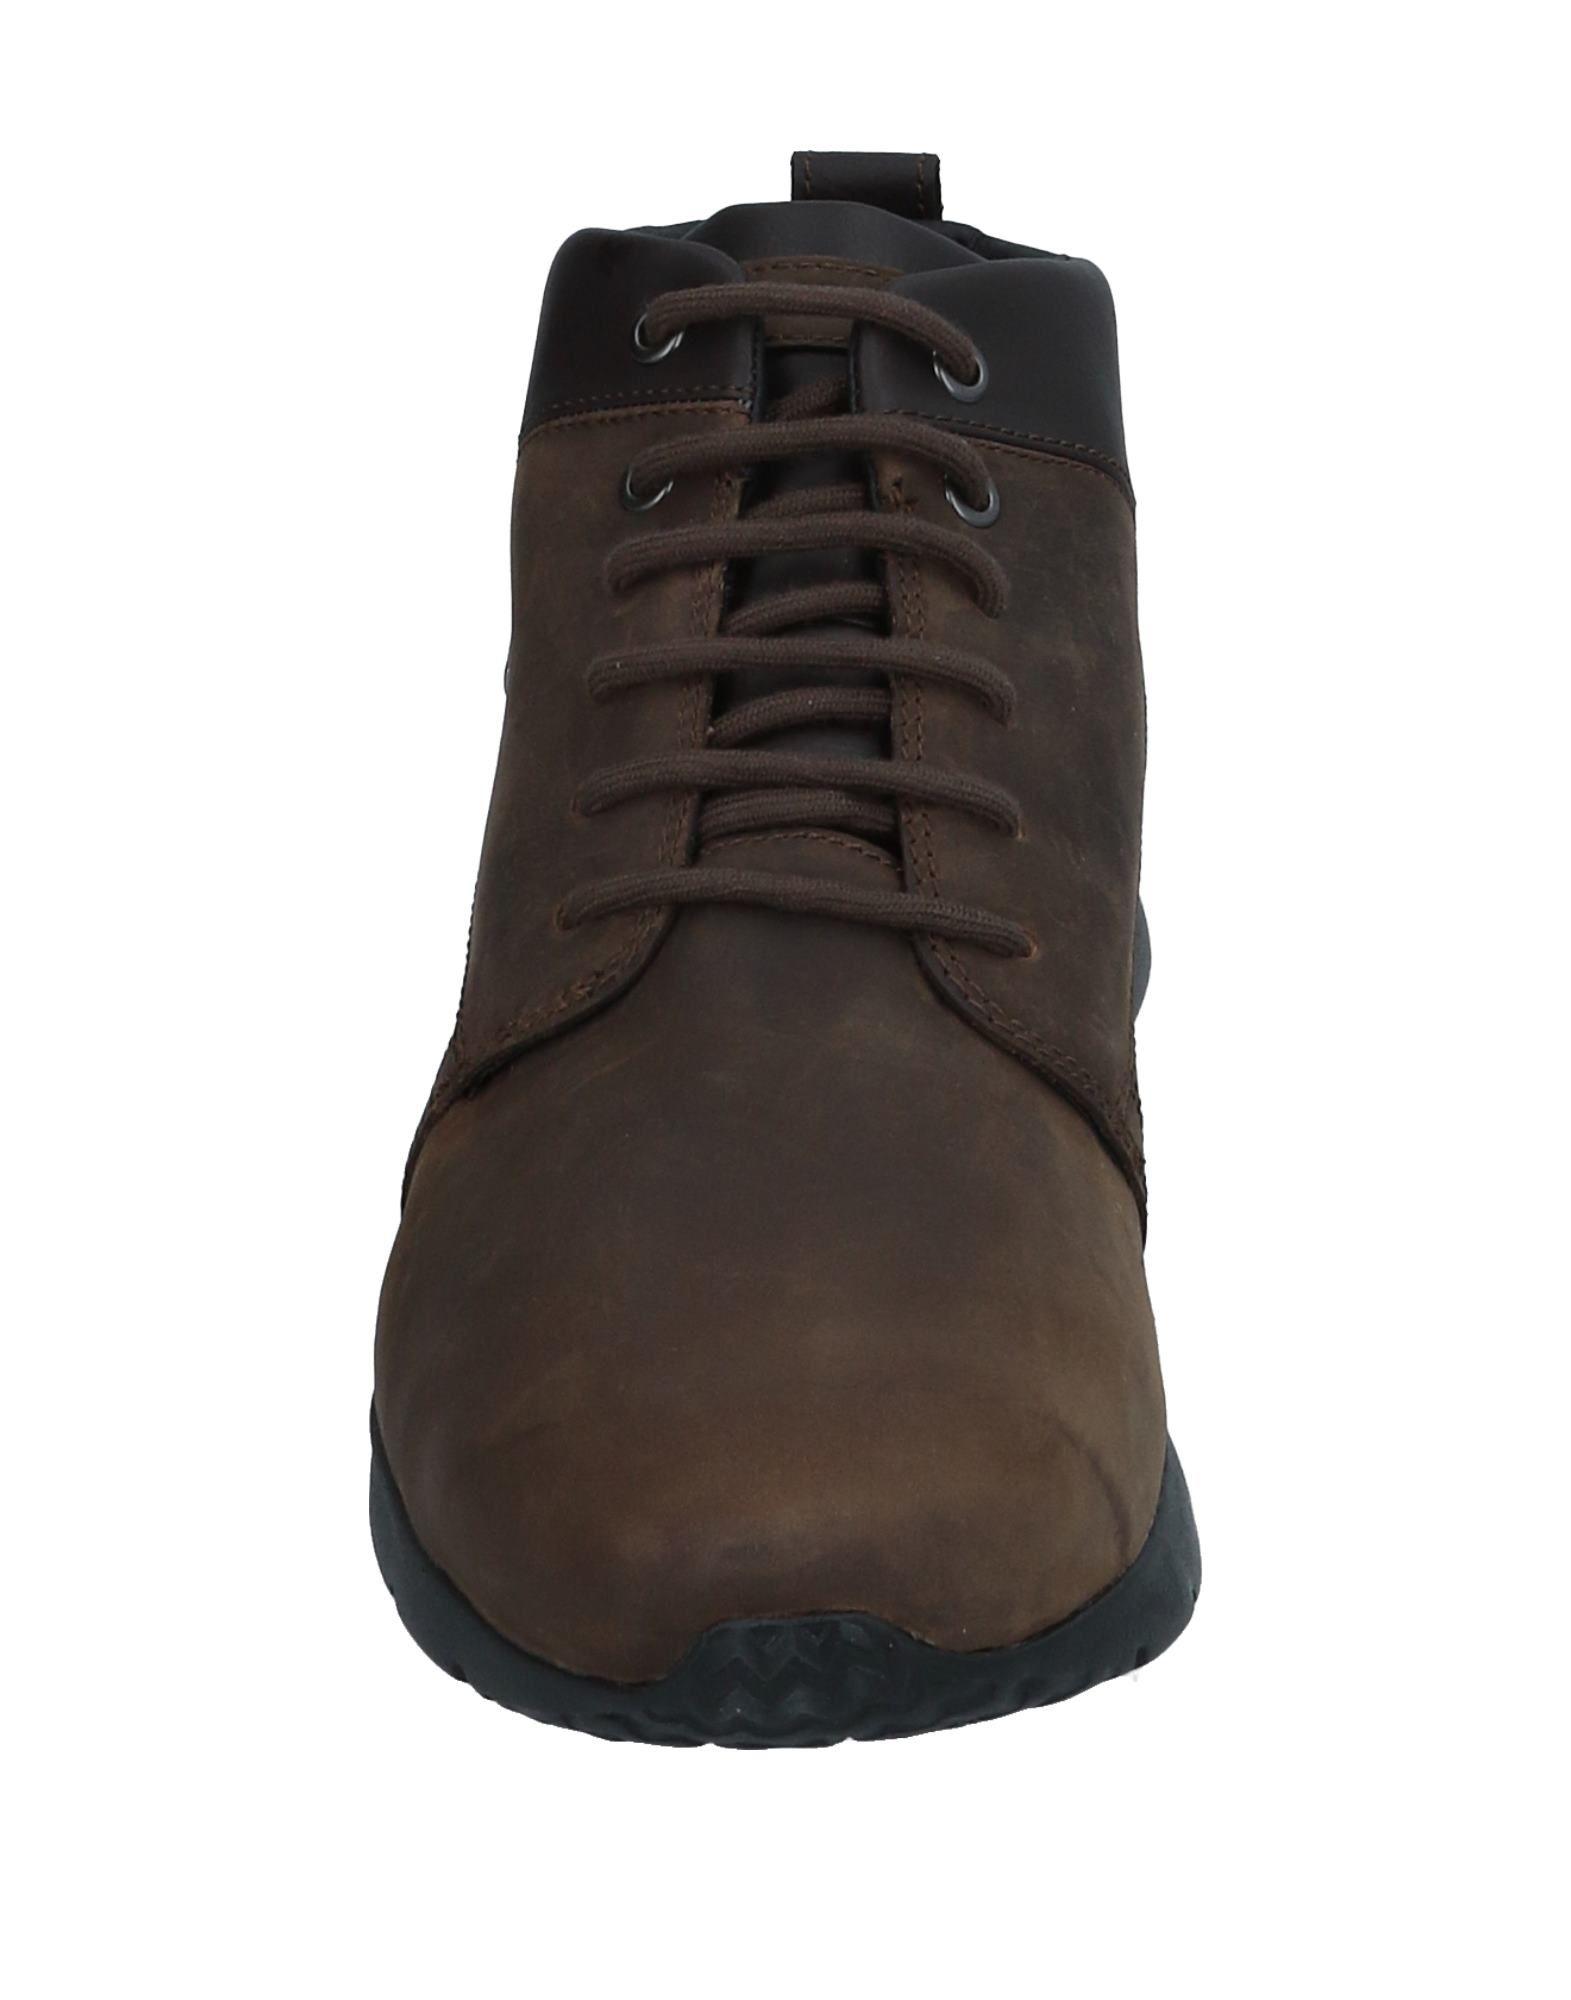 Rabatt Geox echte Schuhe Geox Rabatt Sneakers Herren  11540561DT d78610